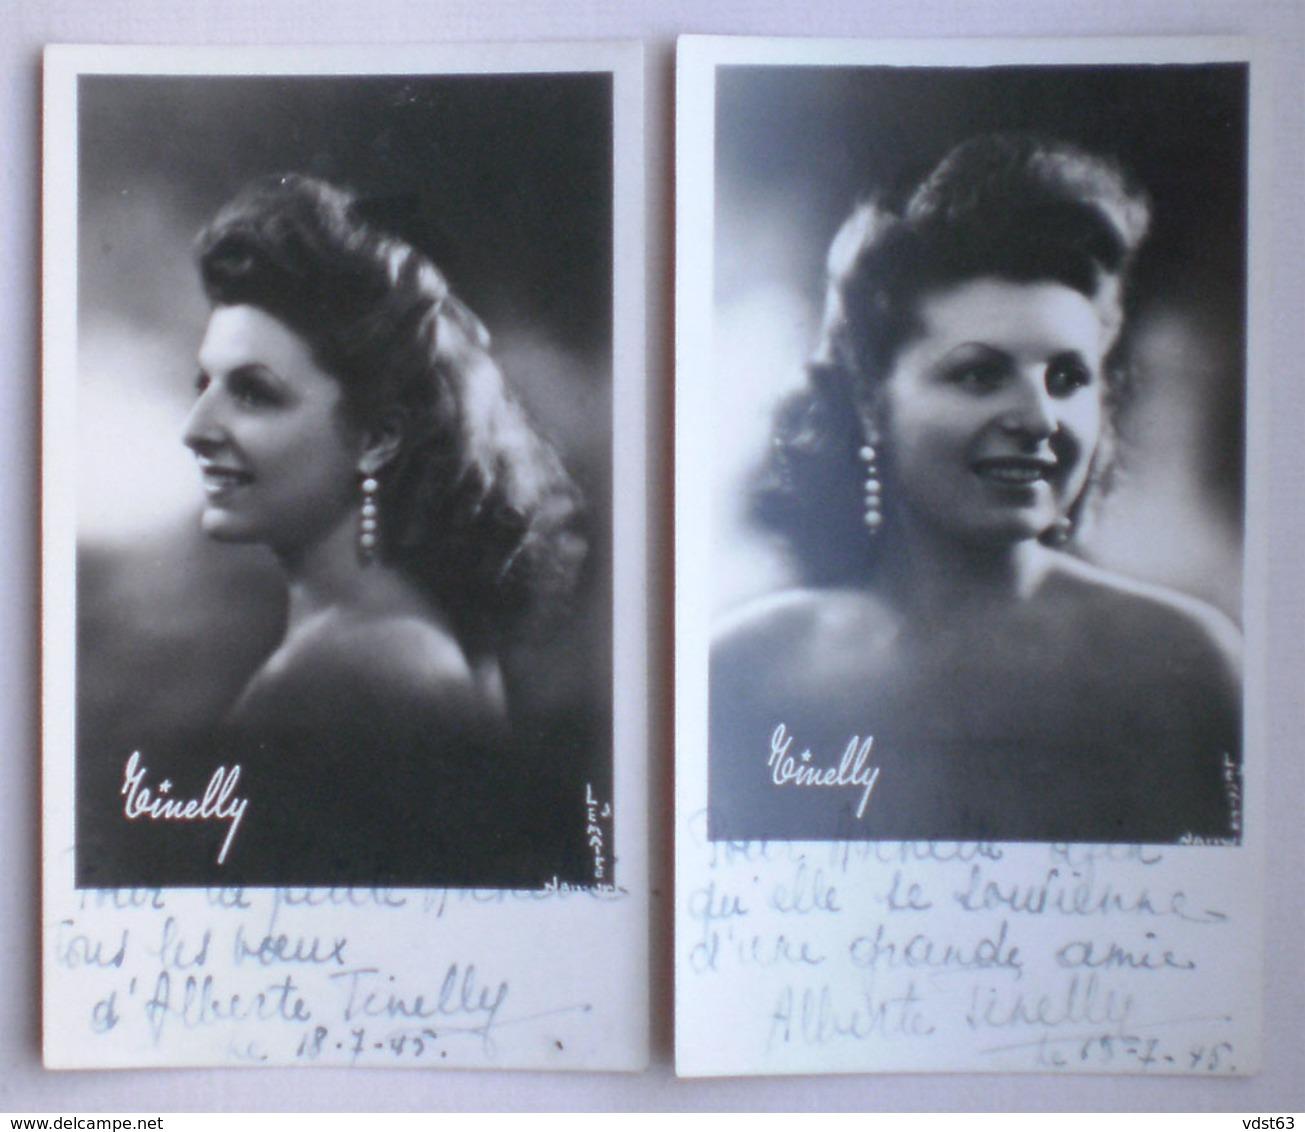 3 X ALBERTE TINELLI Chanteuse Lyrique 1945 1950 Opéra Opérette AUTOGRAPHE Photos Dédicacées - Photographie Liège - Beroemde Personen